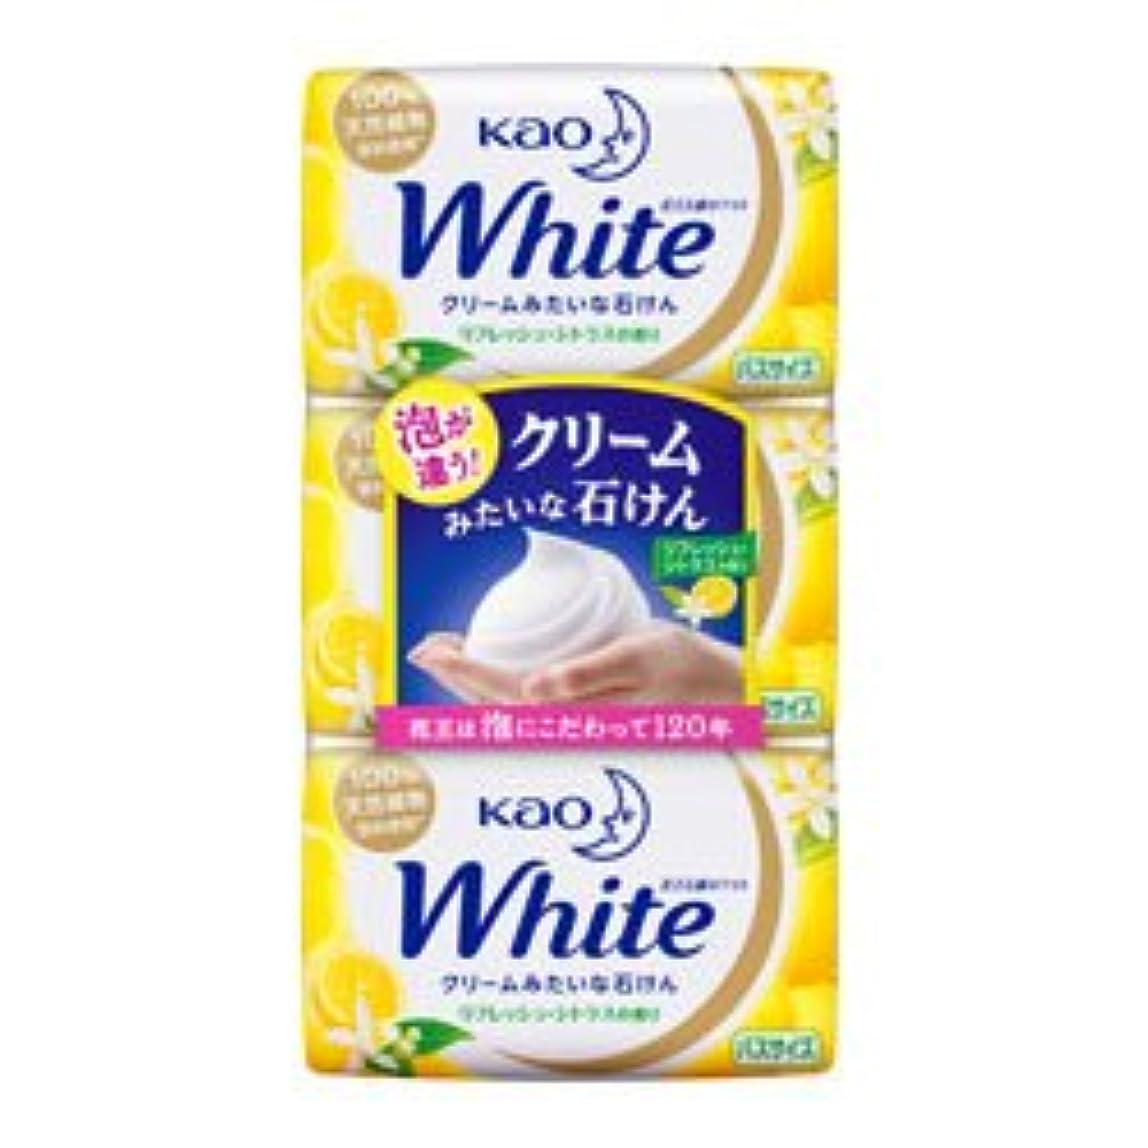 カタログ光飛ぶ【花王】ホワイト リフレッシュ?シトラスの香り バスサイズ 130g×3個入 ×20個セット